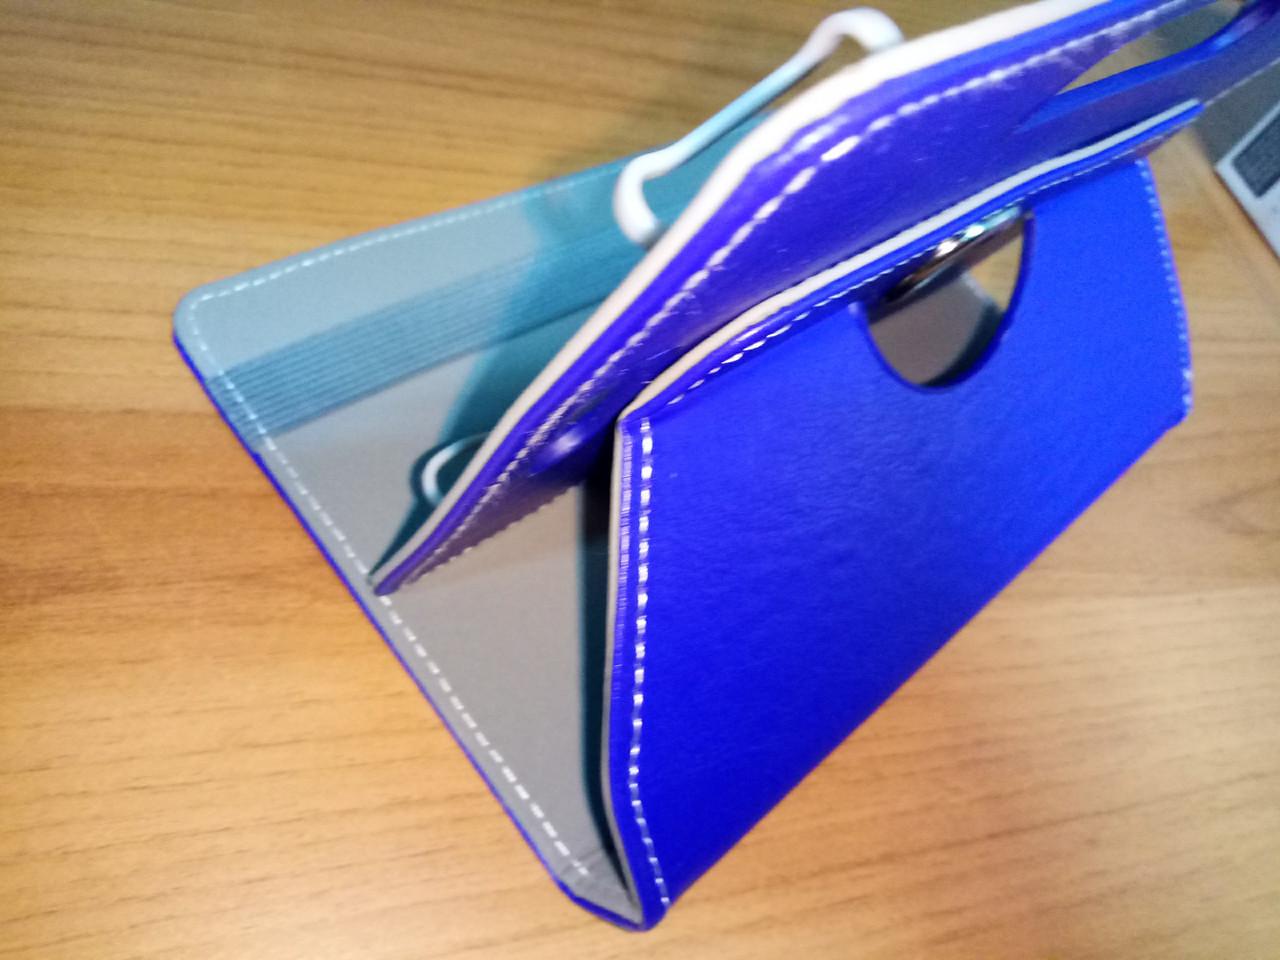 Чехол универсальный 2E для планшетов 10.1 поворотный 360 кожзам синий